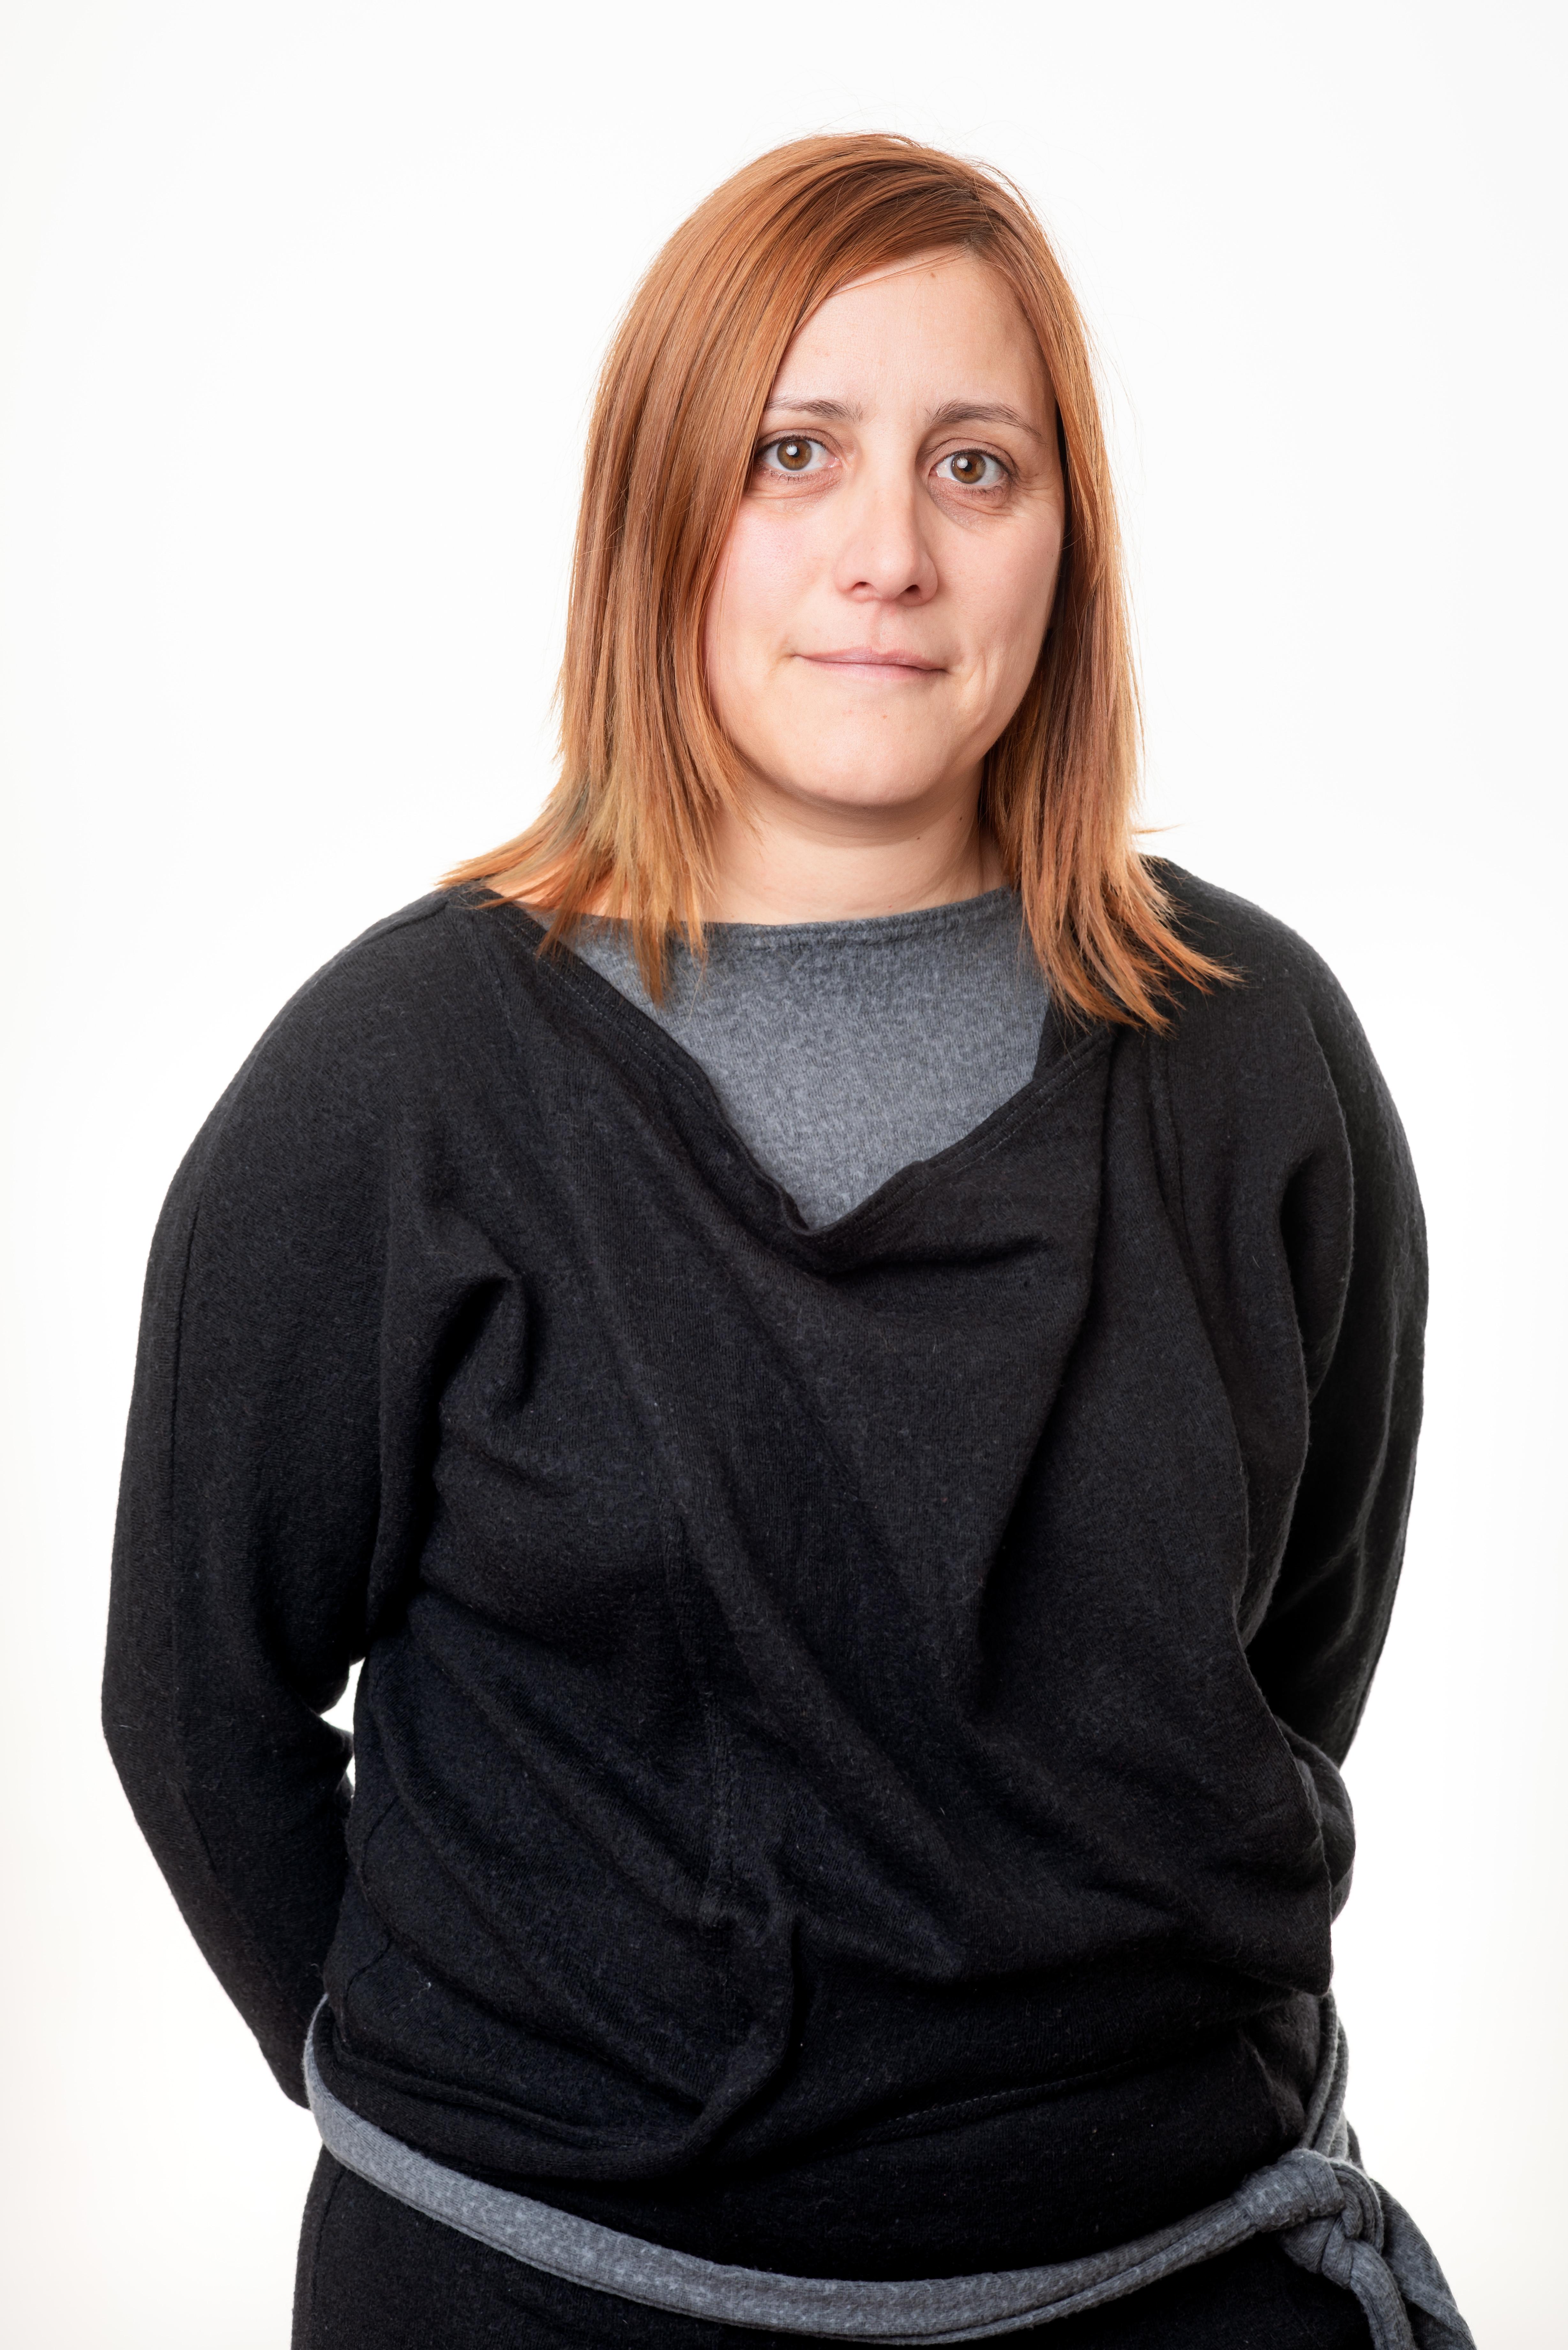 Pilar Pàmpols Farré